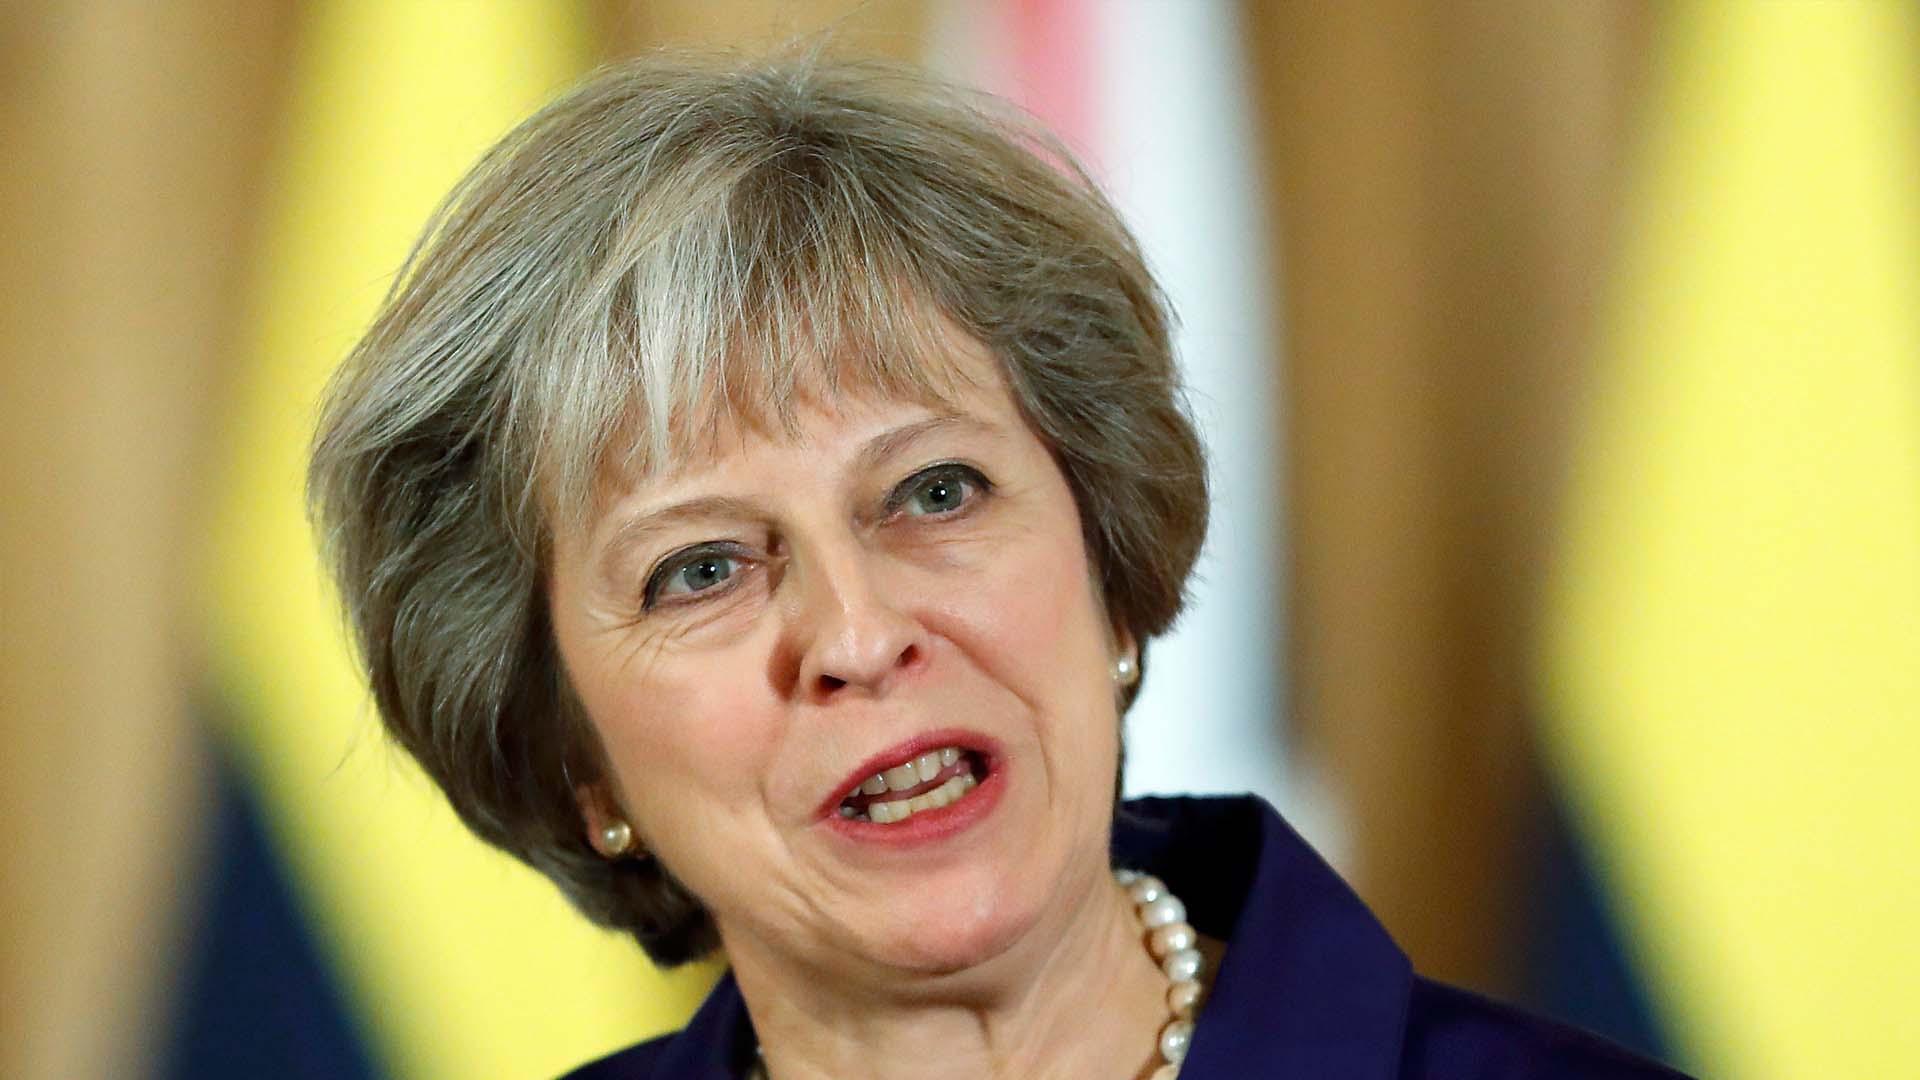 Esta decisión permitirá al Parlamento participar en las negociaciones del Brexit